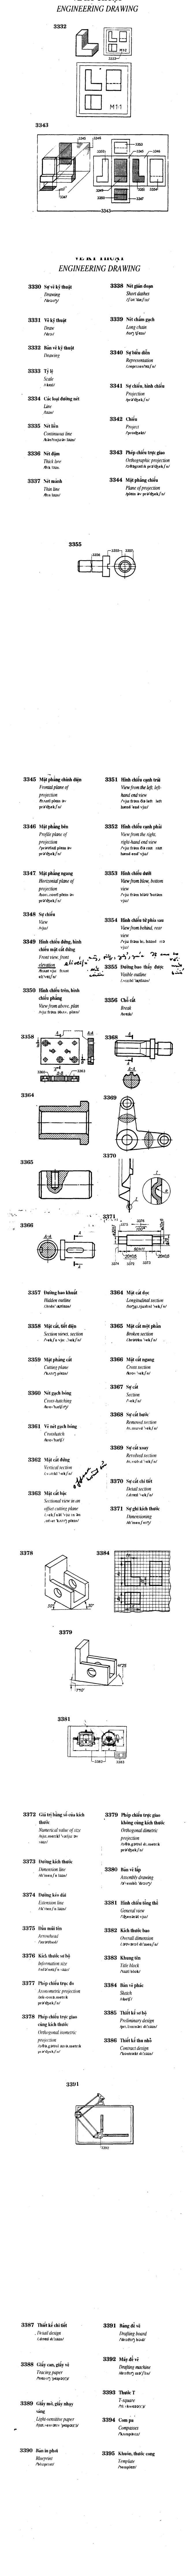 Copy of vekt01-vert